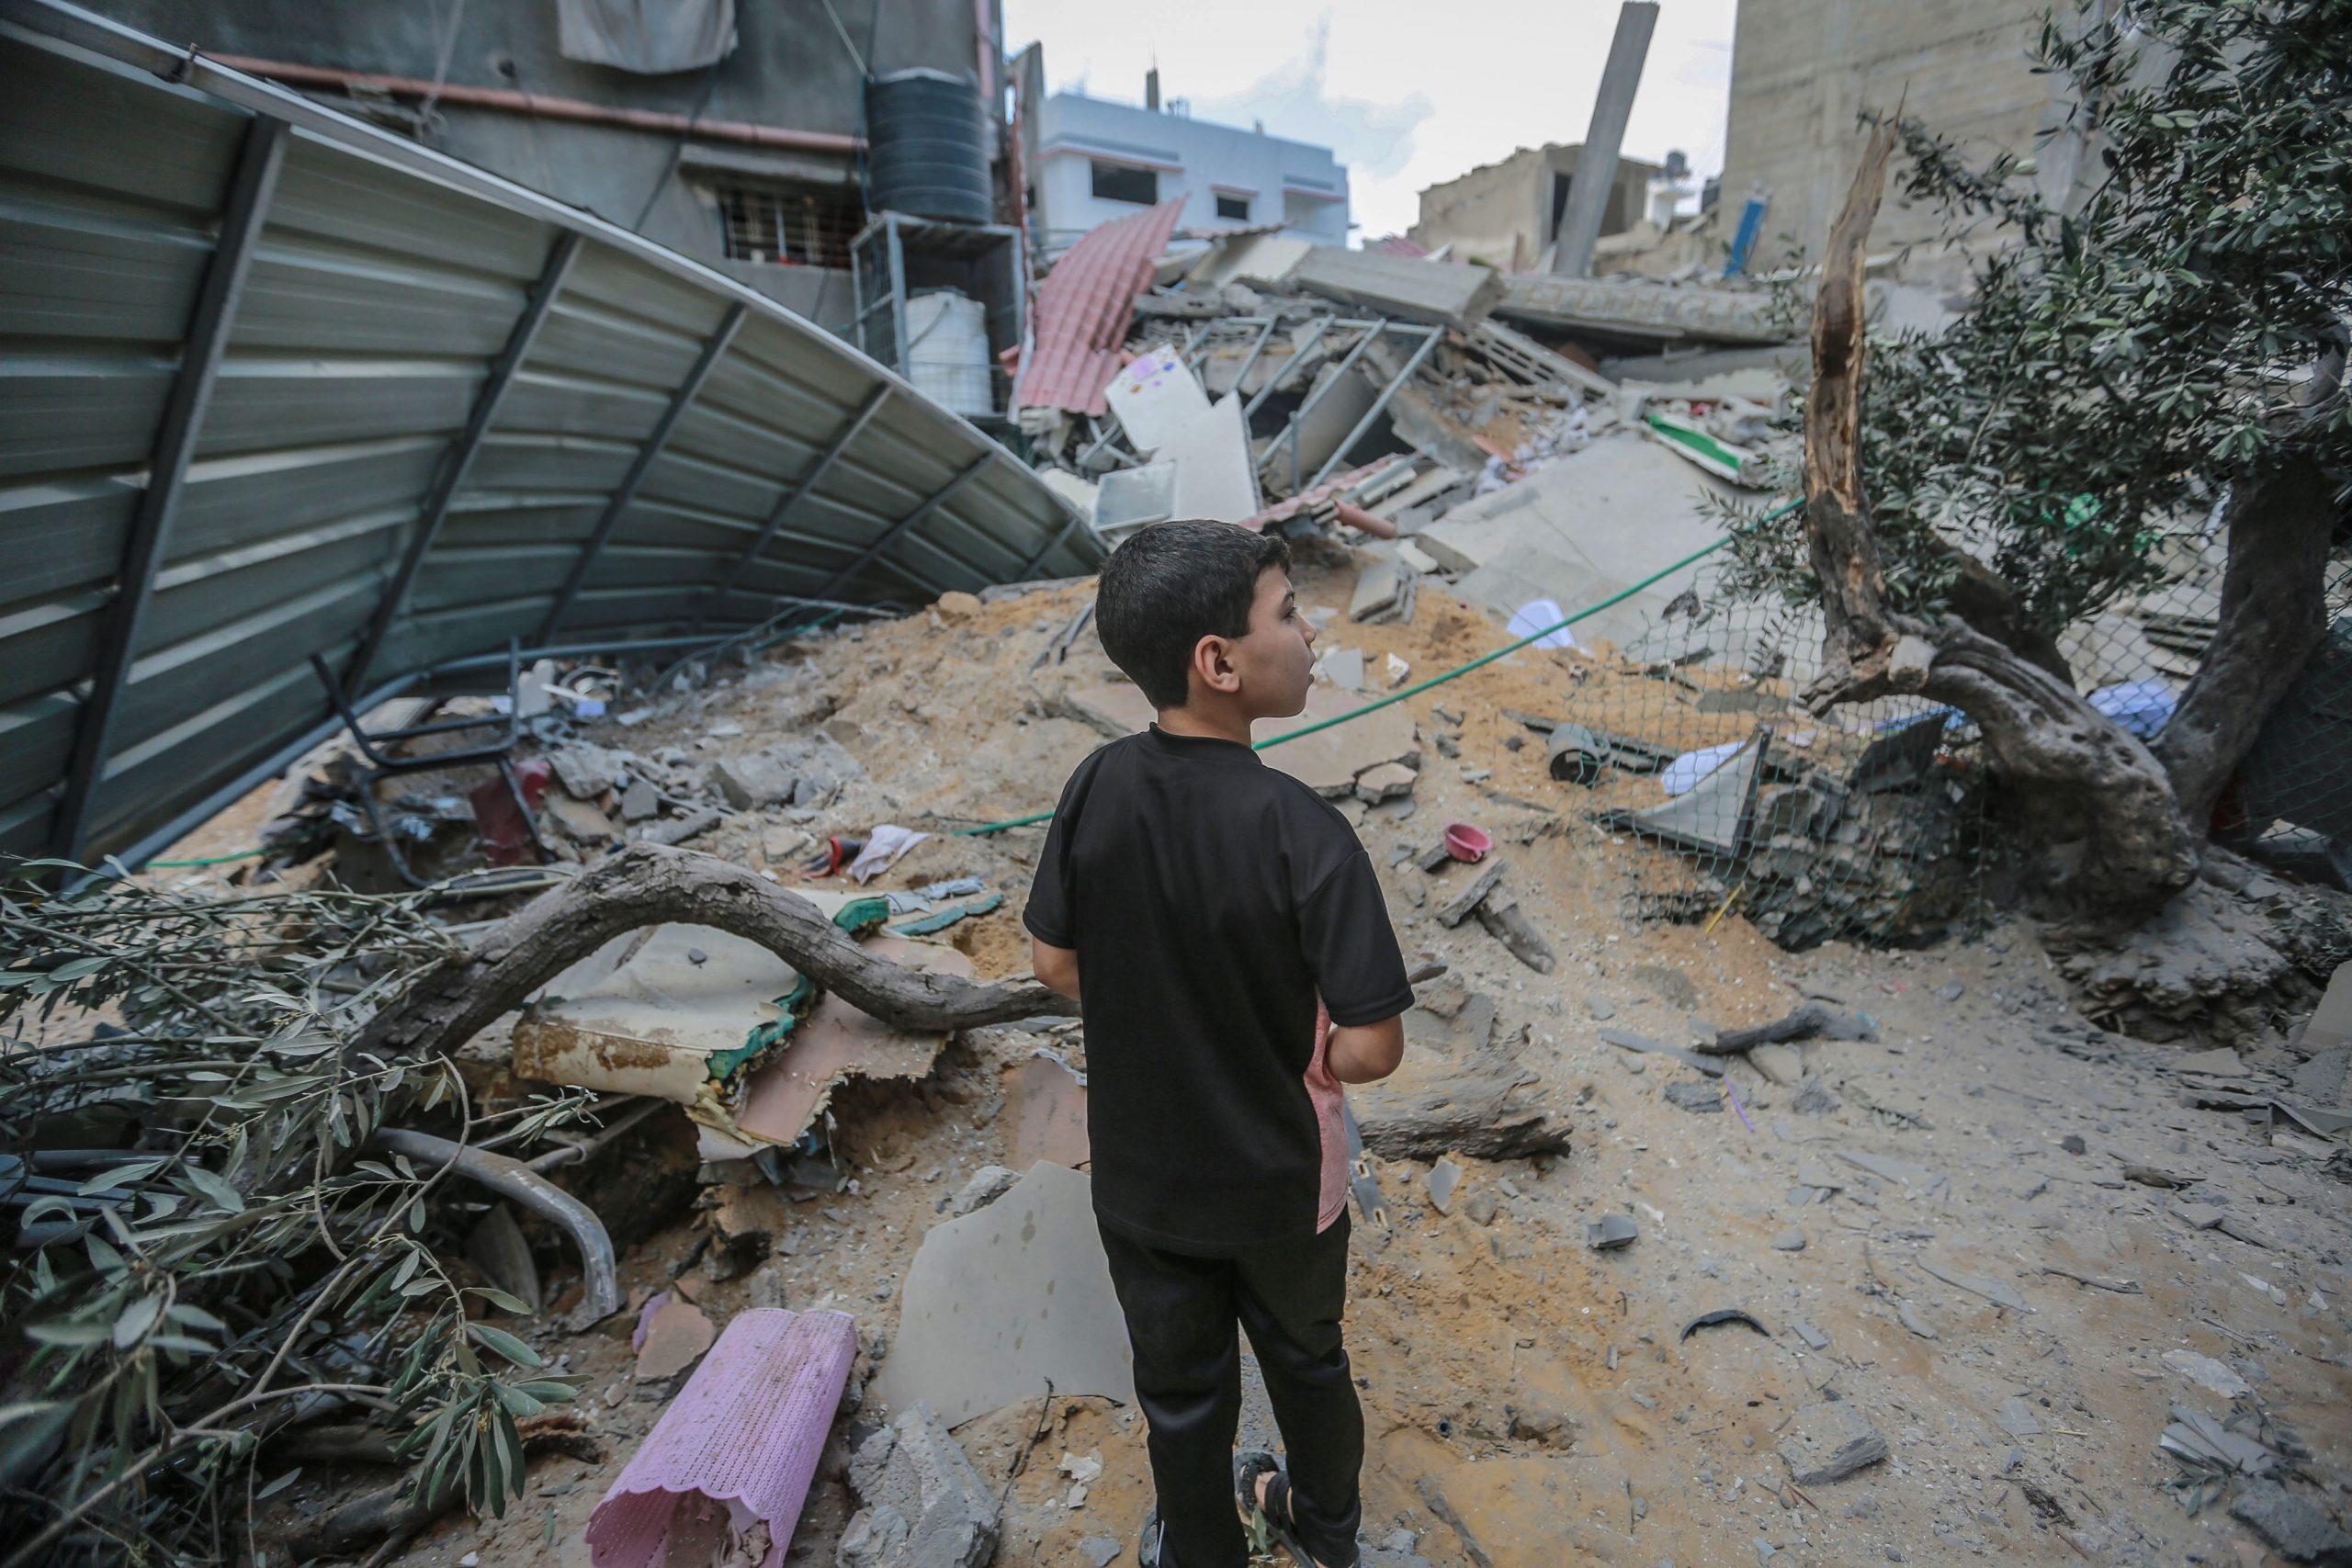 Un nen es mira els efectes d'un bombardeig israelià a Gaza, avui / Foto: Mohammed Talatene/dpa/ Europa Press